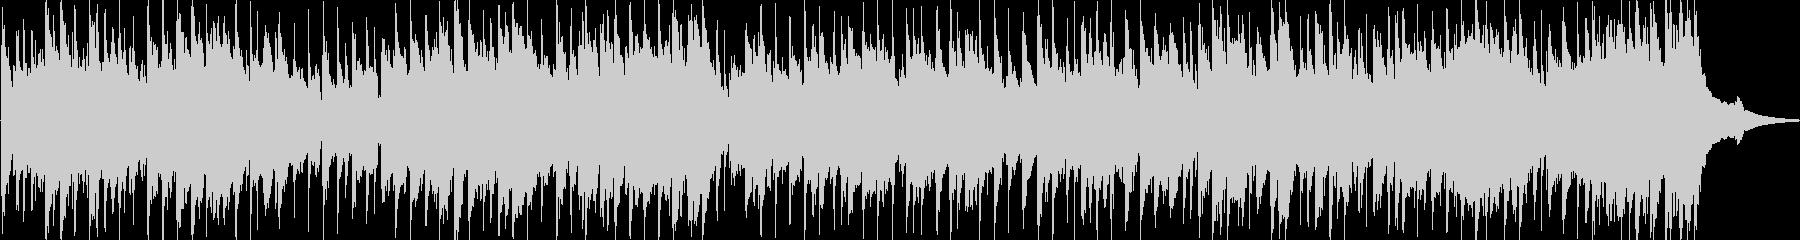 サックスが奏でる都会的なポップバラードの未再生の波形